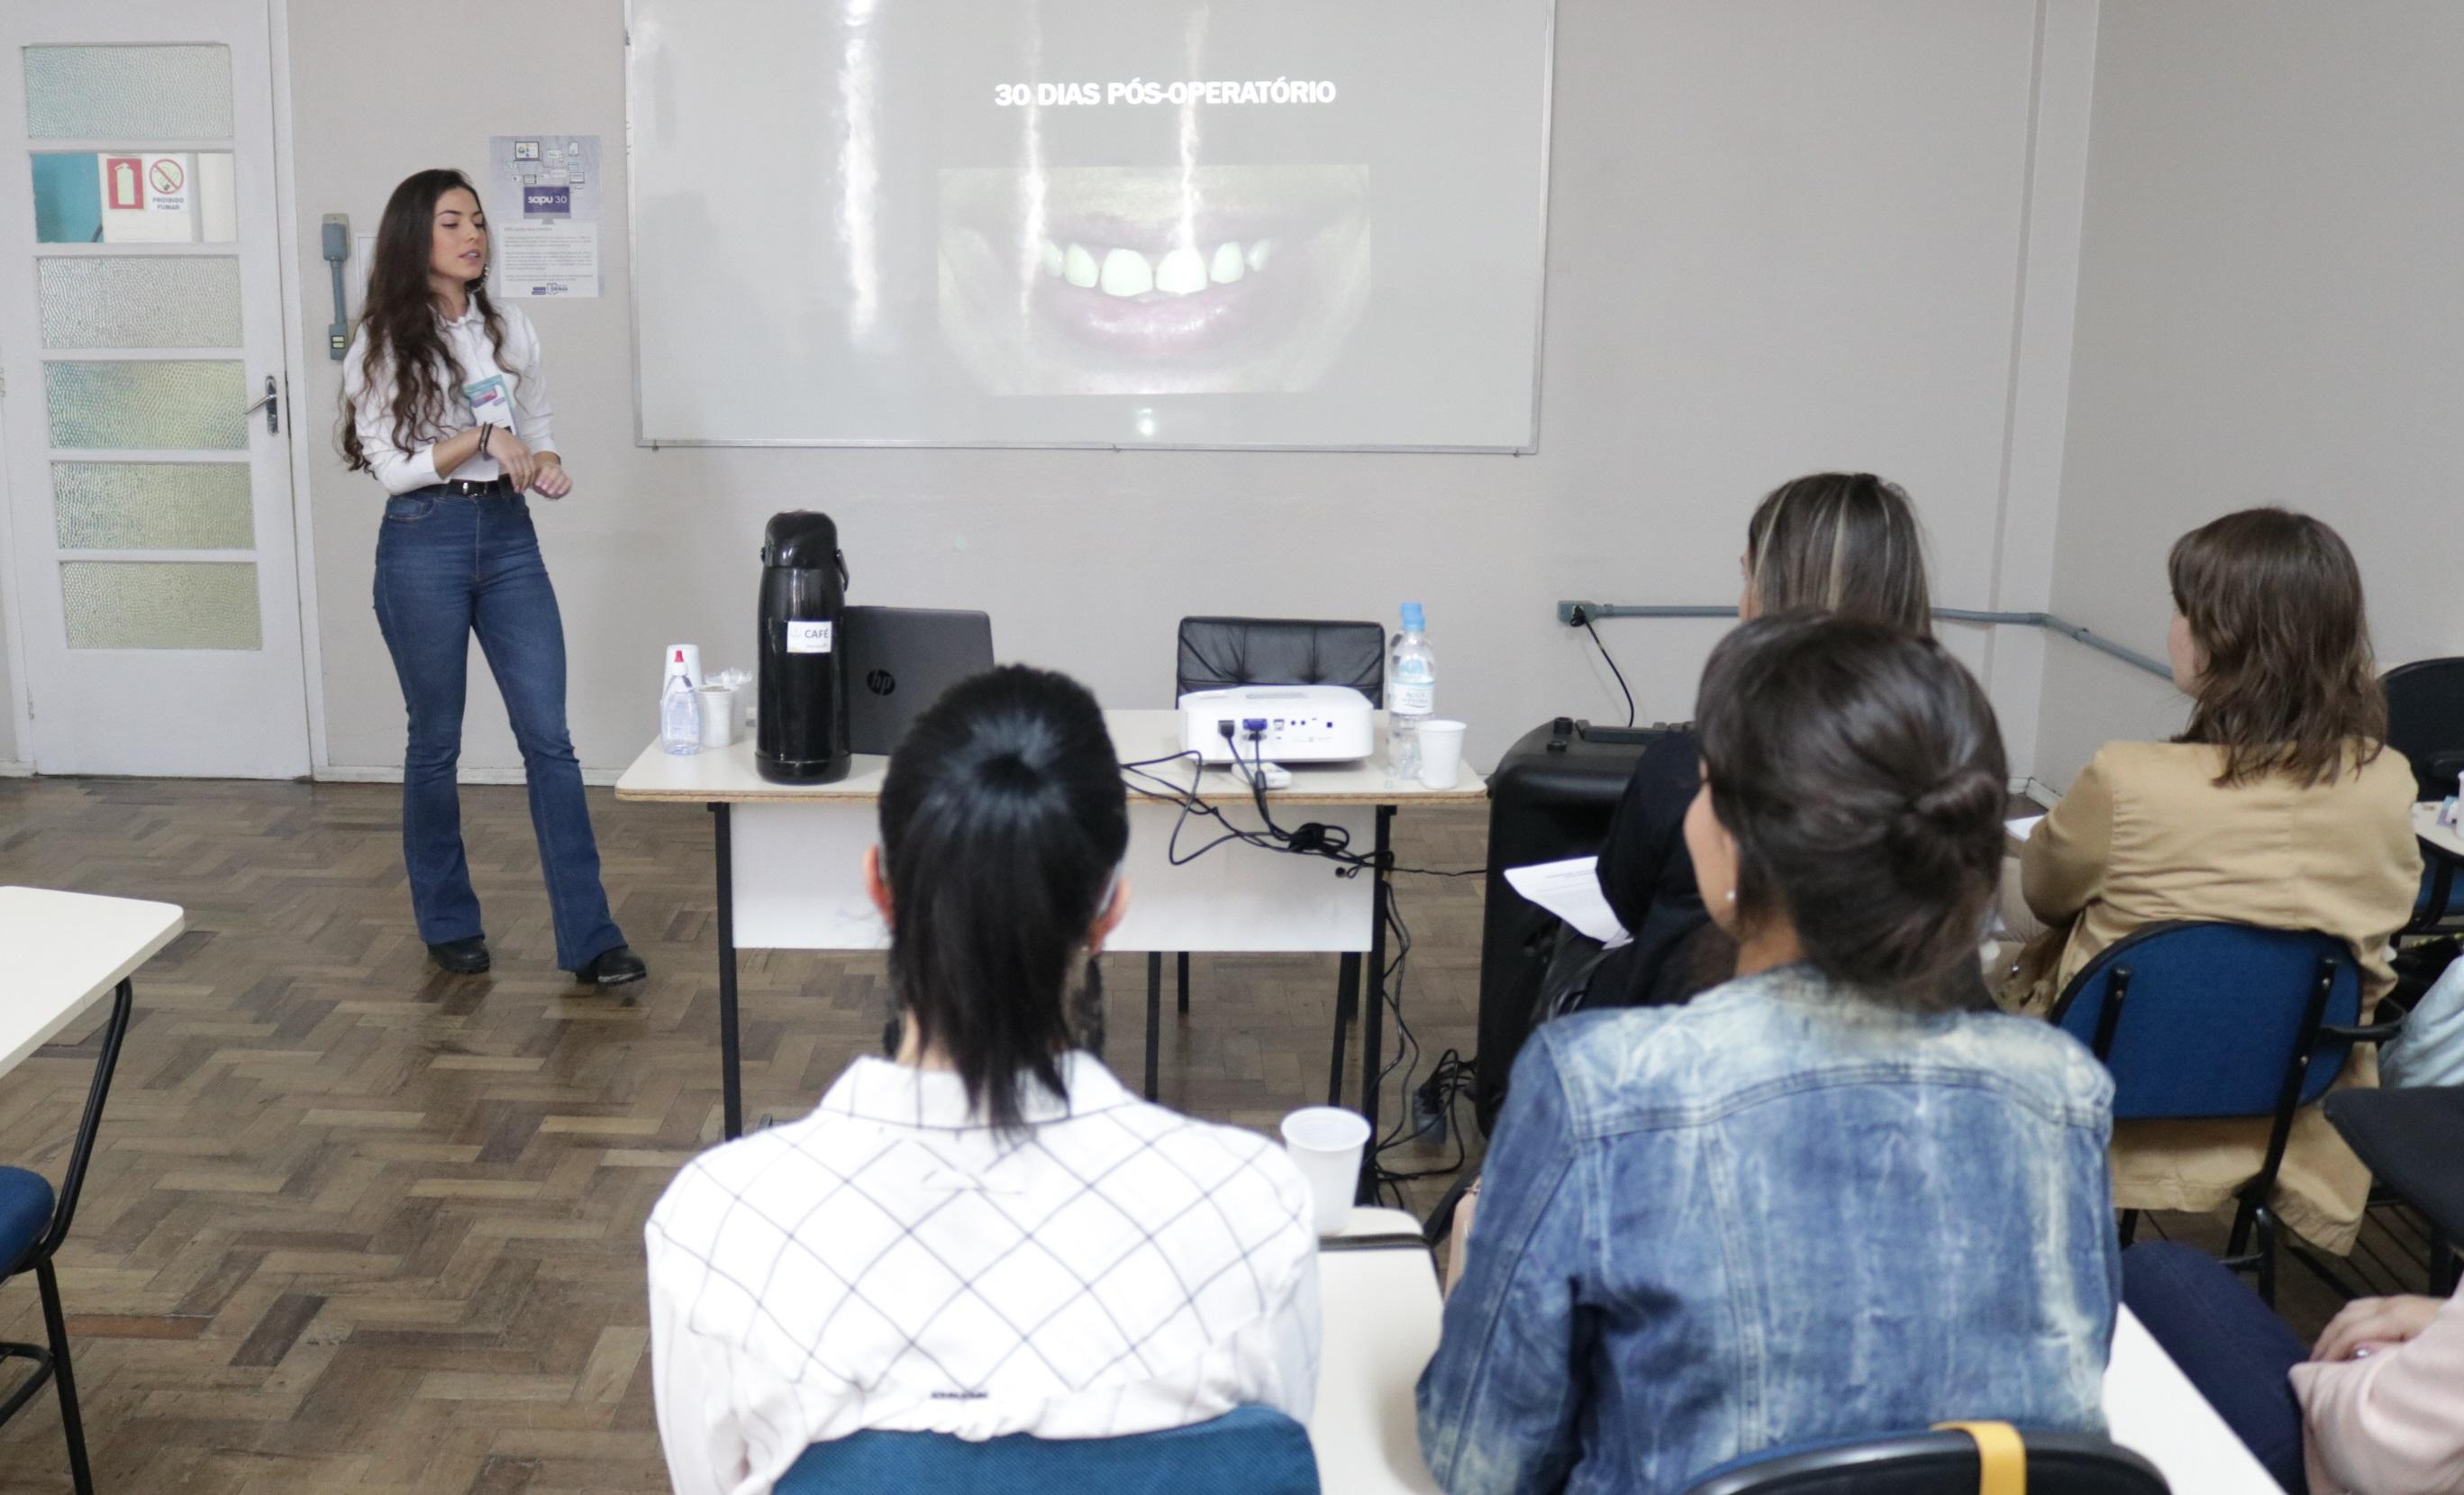 aluna do curso de odontologia apresentando trabalho no salão universitário 2019